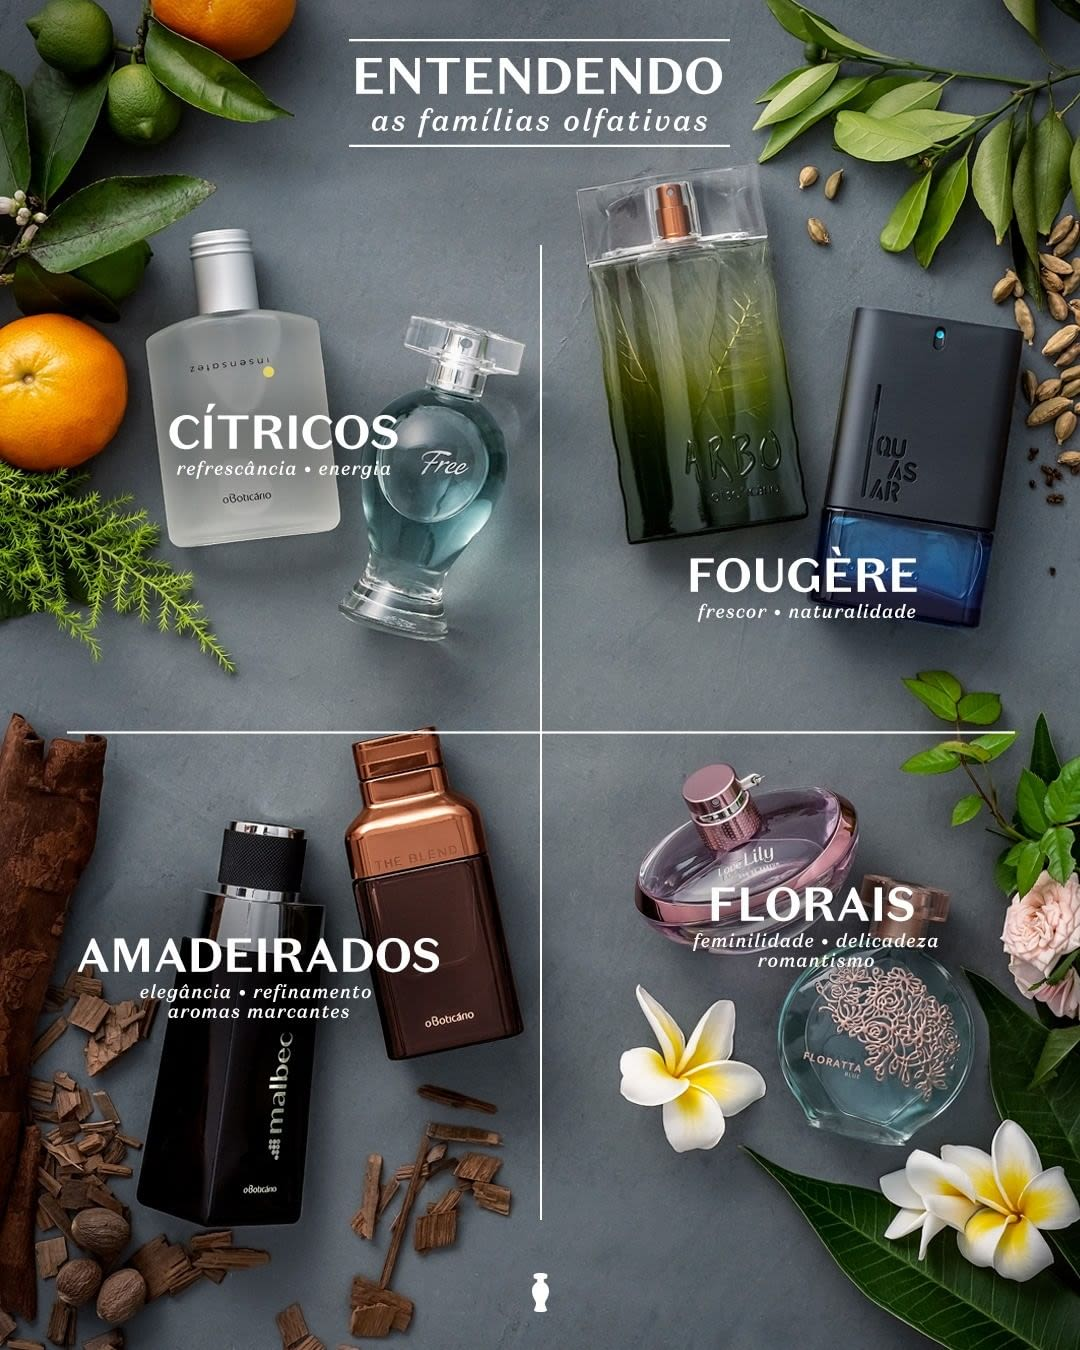 Conheça as fragrâncias do Boticário pela família olfativa